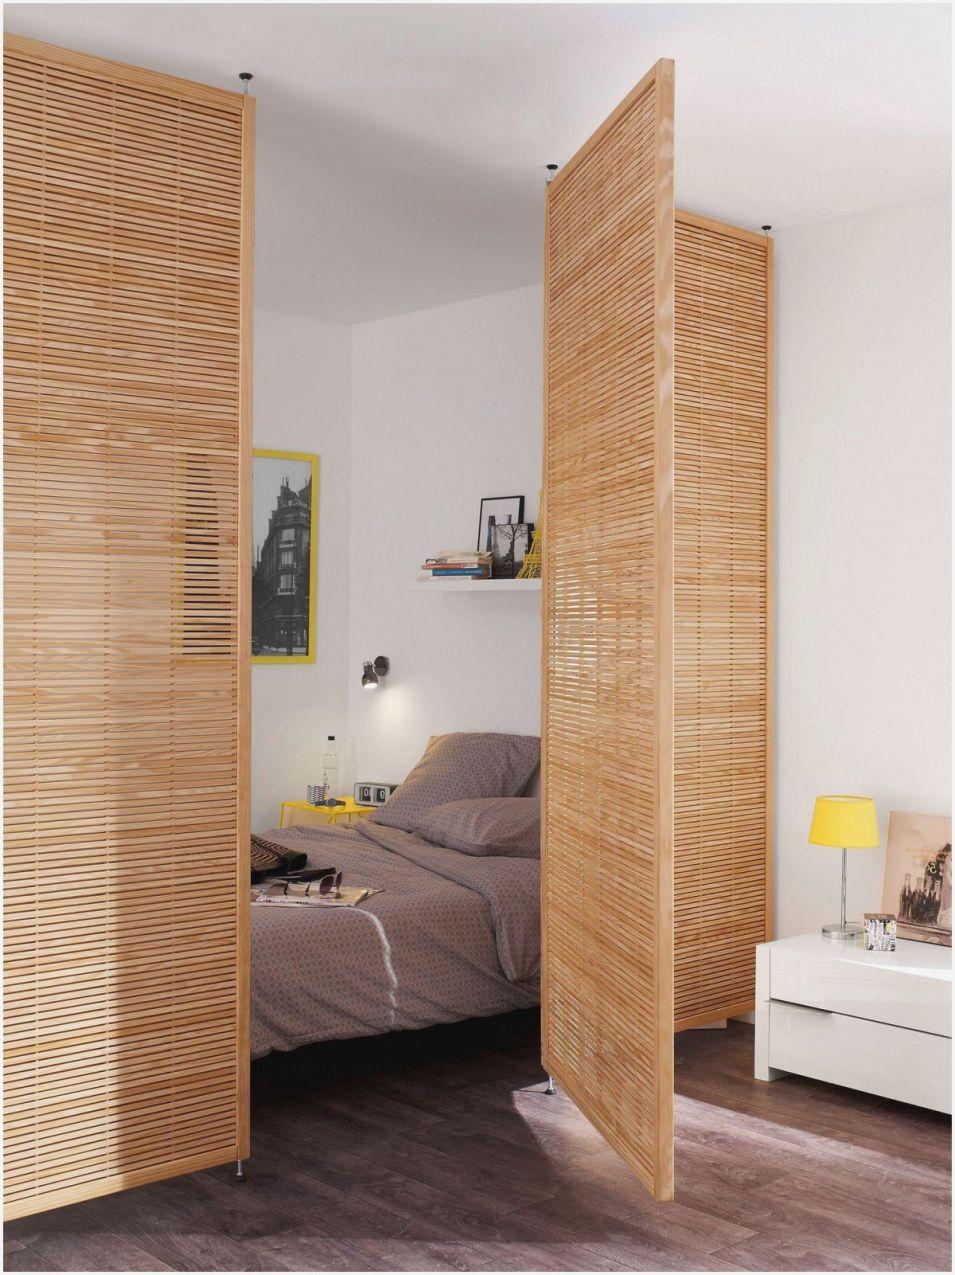 28 Location Monte Meuble Loxam 2017 Cloison Coulissante Cloison Amovible Deco Petit Appartement